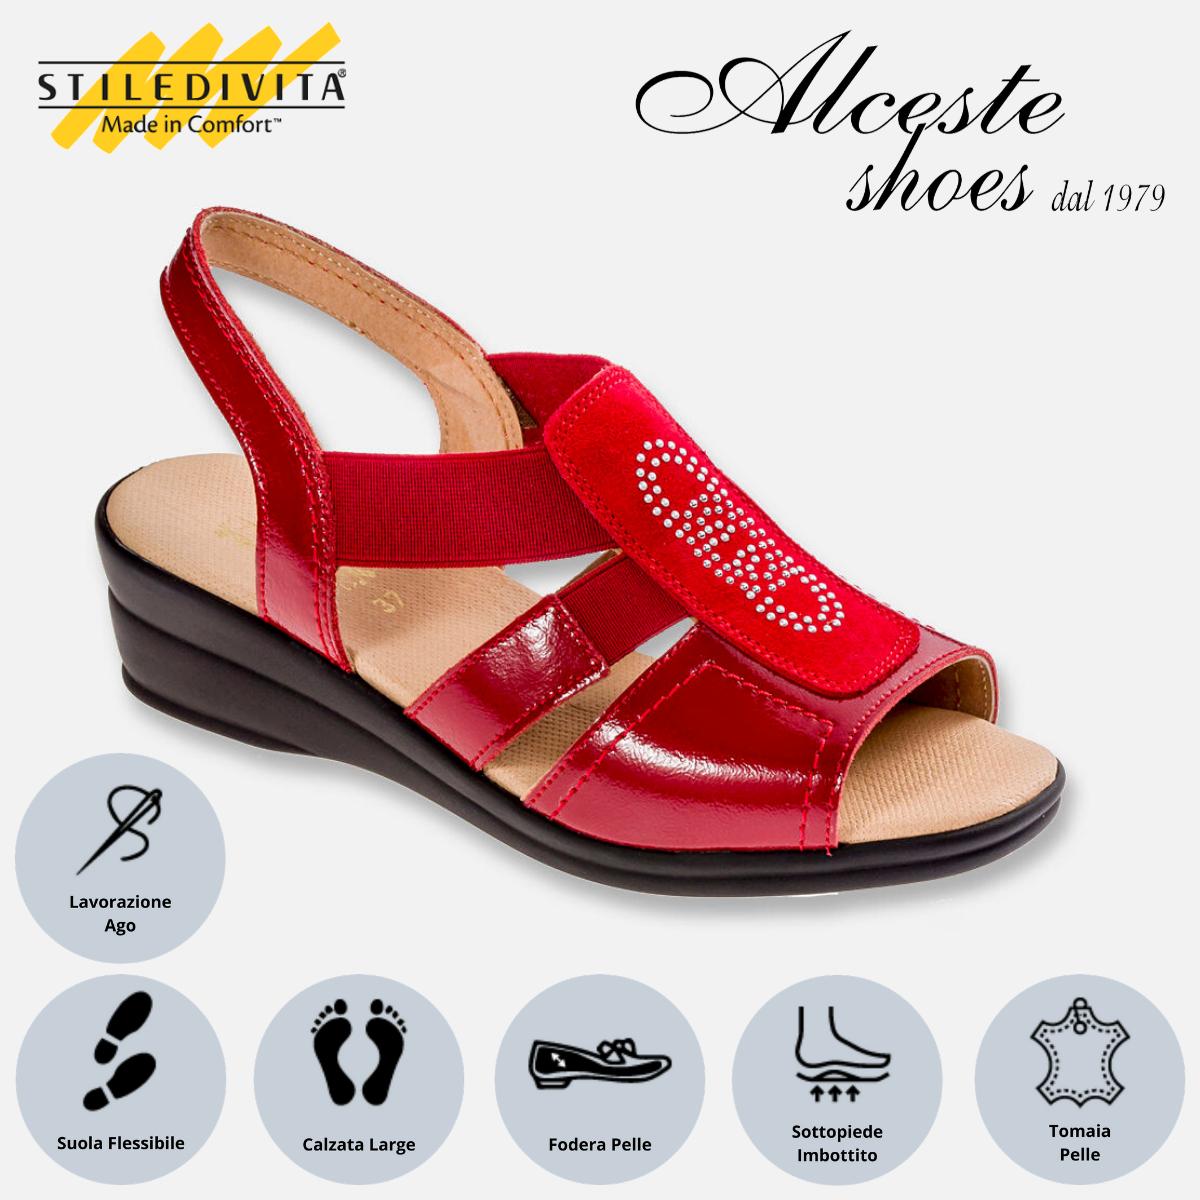 Sandalo Stiledivita Art. 8380 Vernice e Camoscio Rosso Alceste Shoes 8380 Rosso